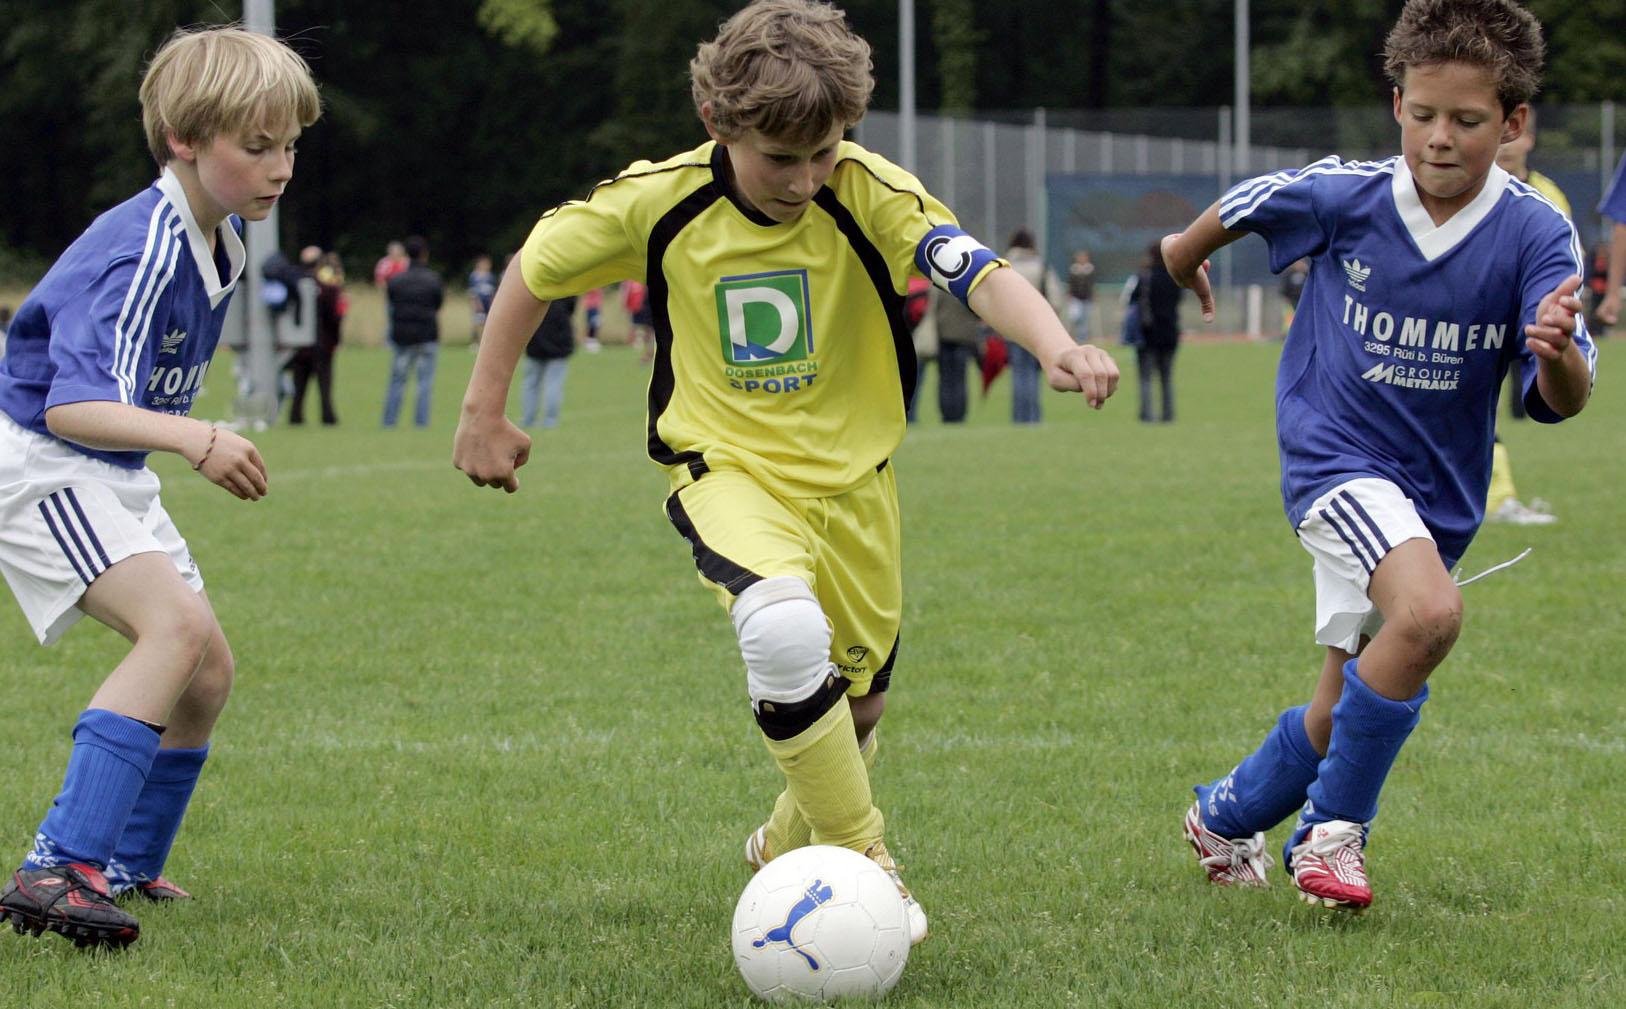 Fussball: Beweglichkeit und Schnelligkeit vor Ausdauer » mobilesport.ch